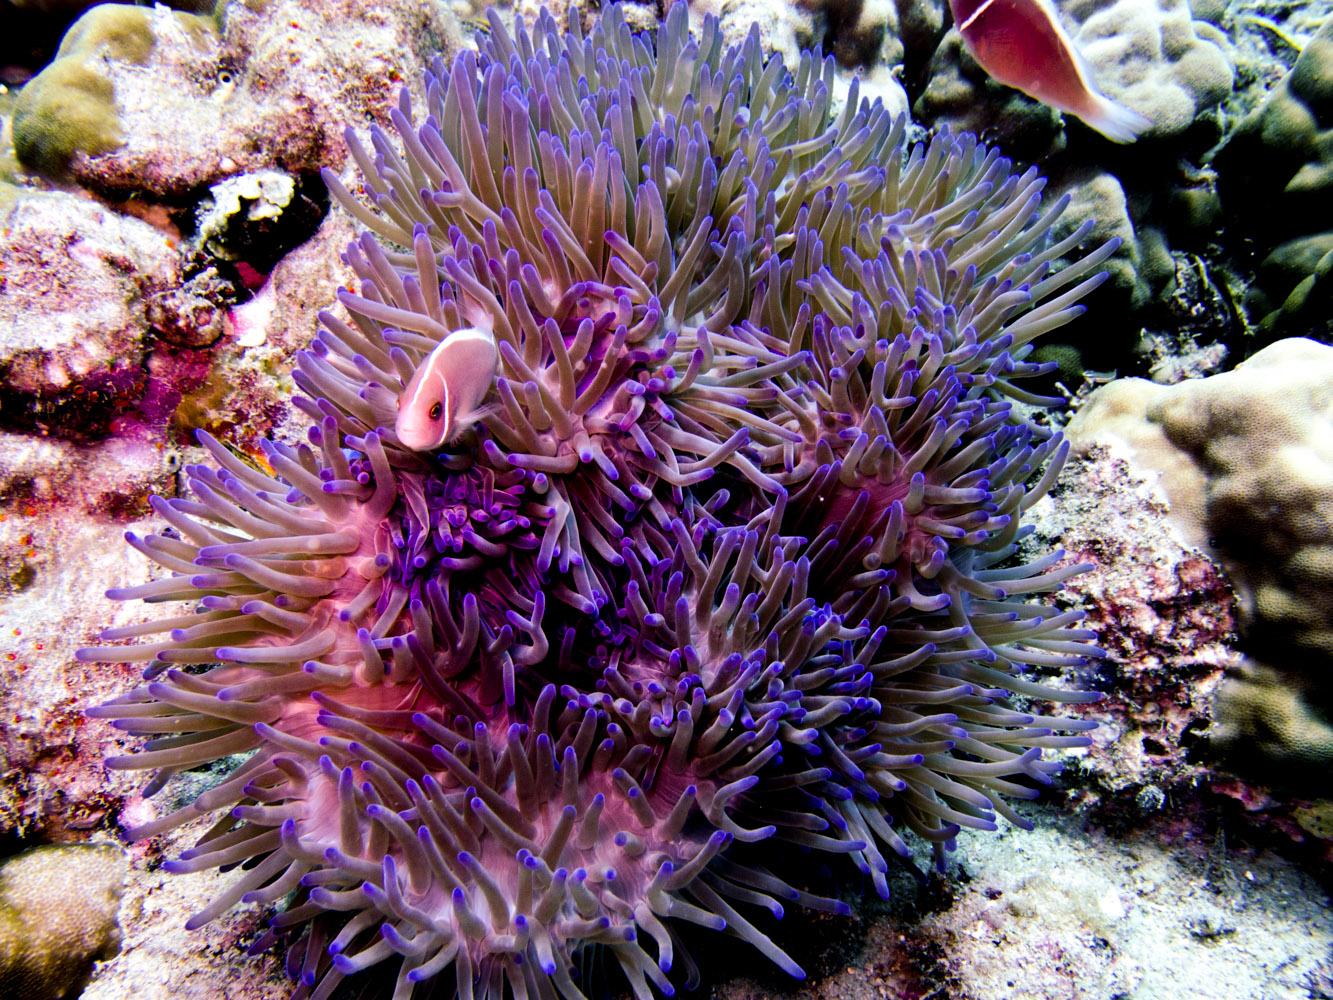 Clownfisch_Anemonenfisch_Nemo_-25